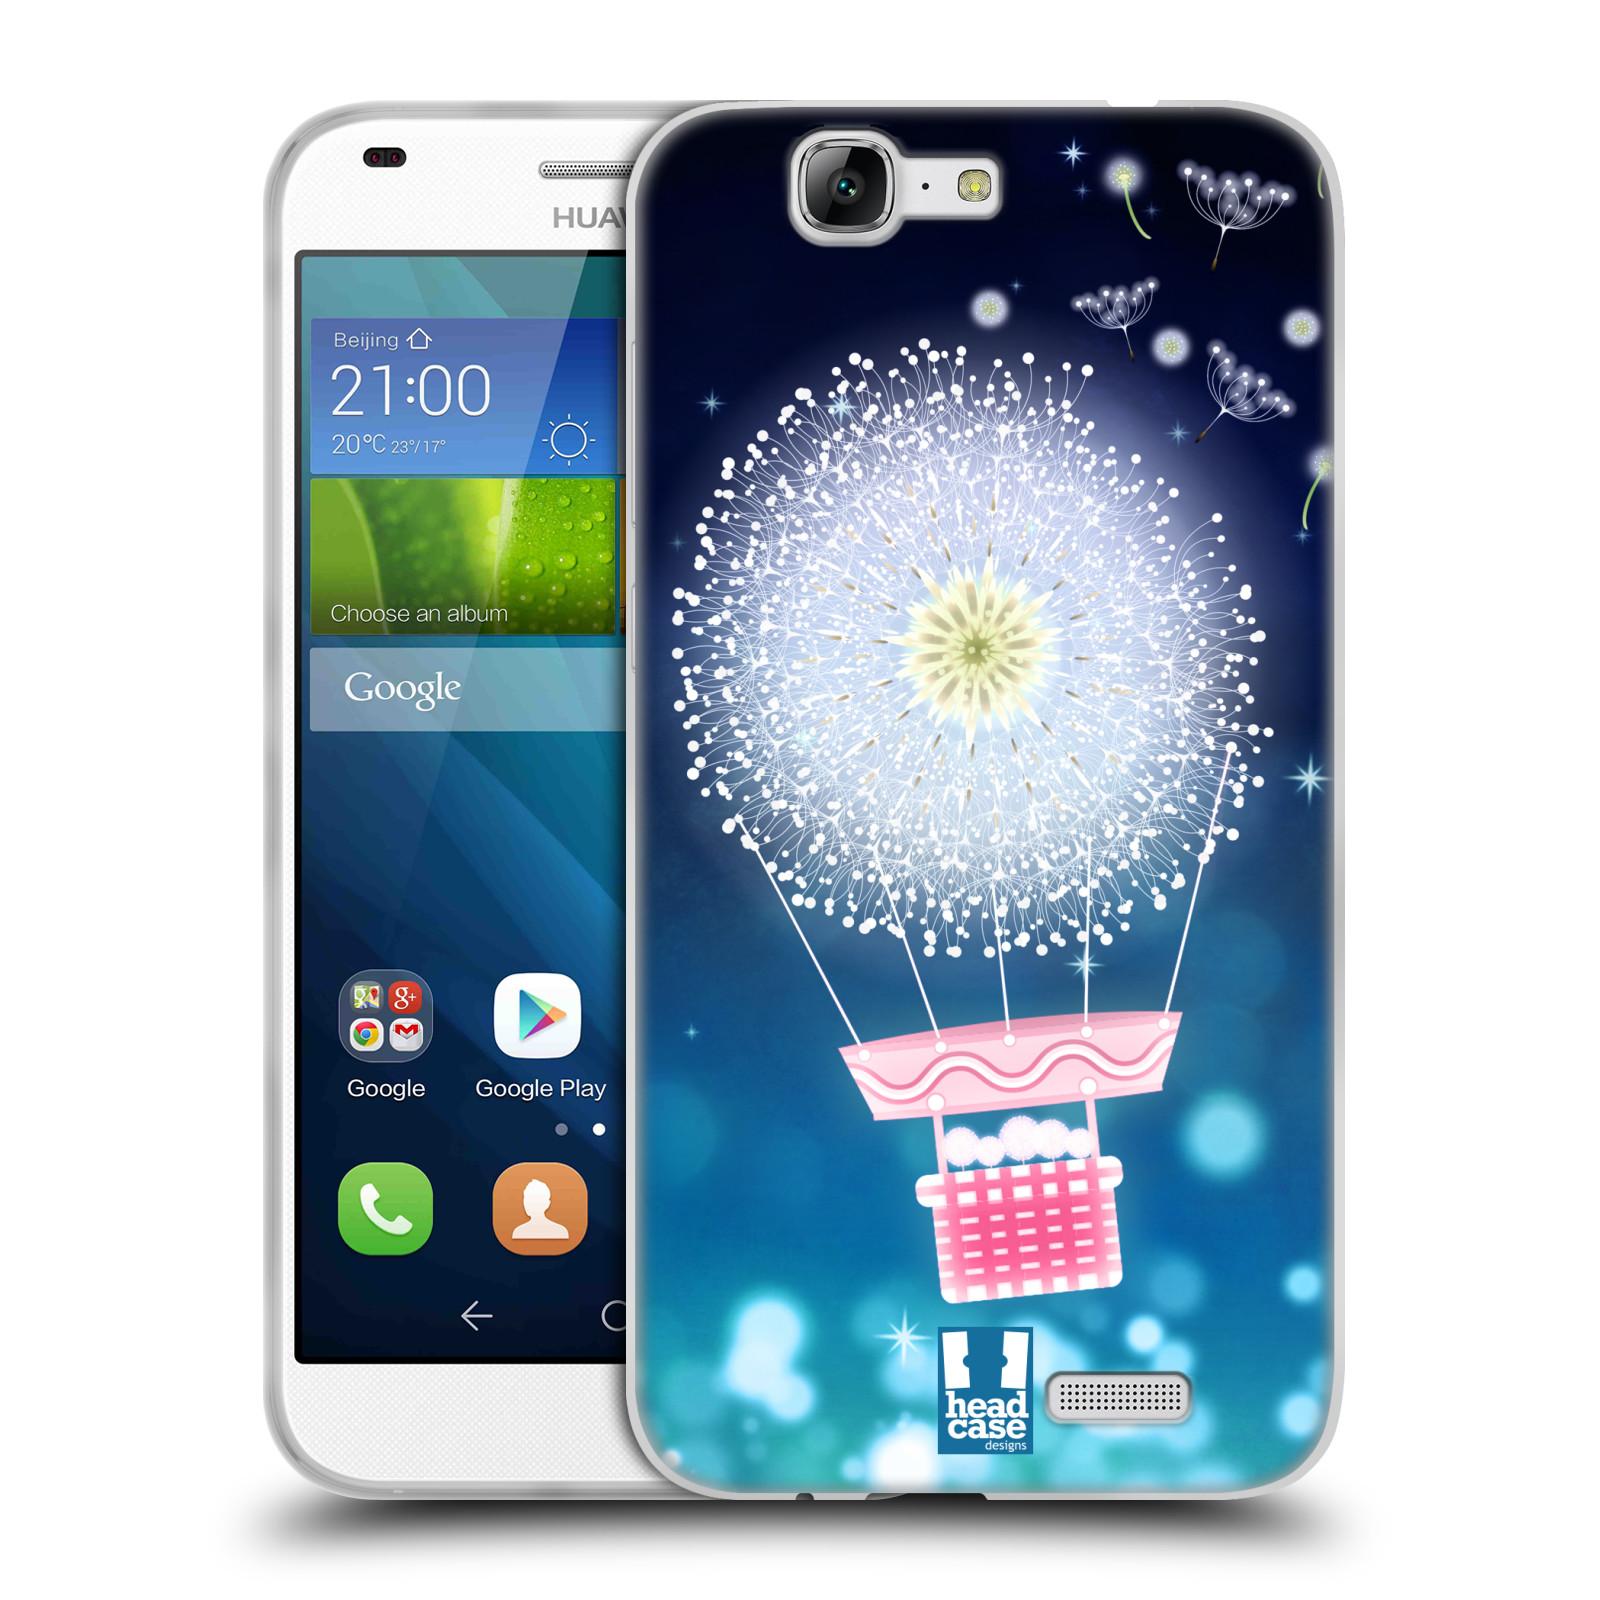 Silikonové pouzdro na mobil Huawei Ascend G7 HEAD CASE Pampeliškový balón (Silikonový kryt či obal na mobilní telefon Huawei Ascend G7)